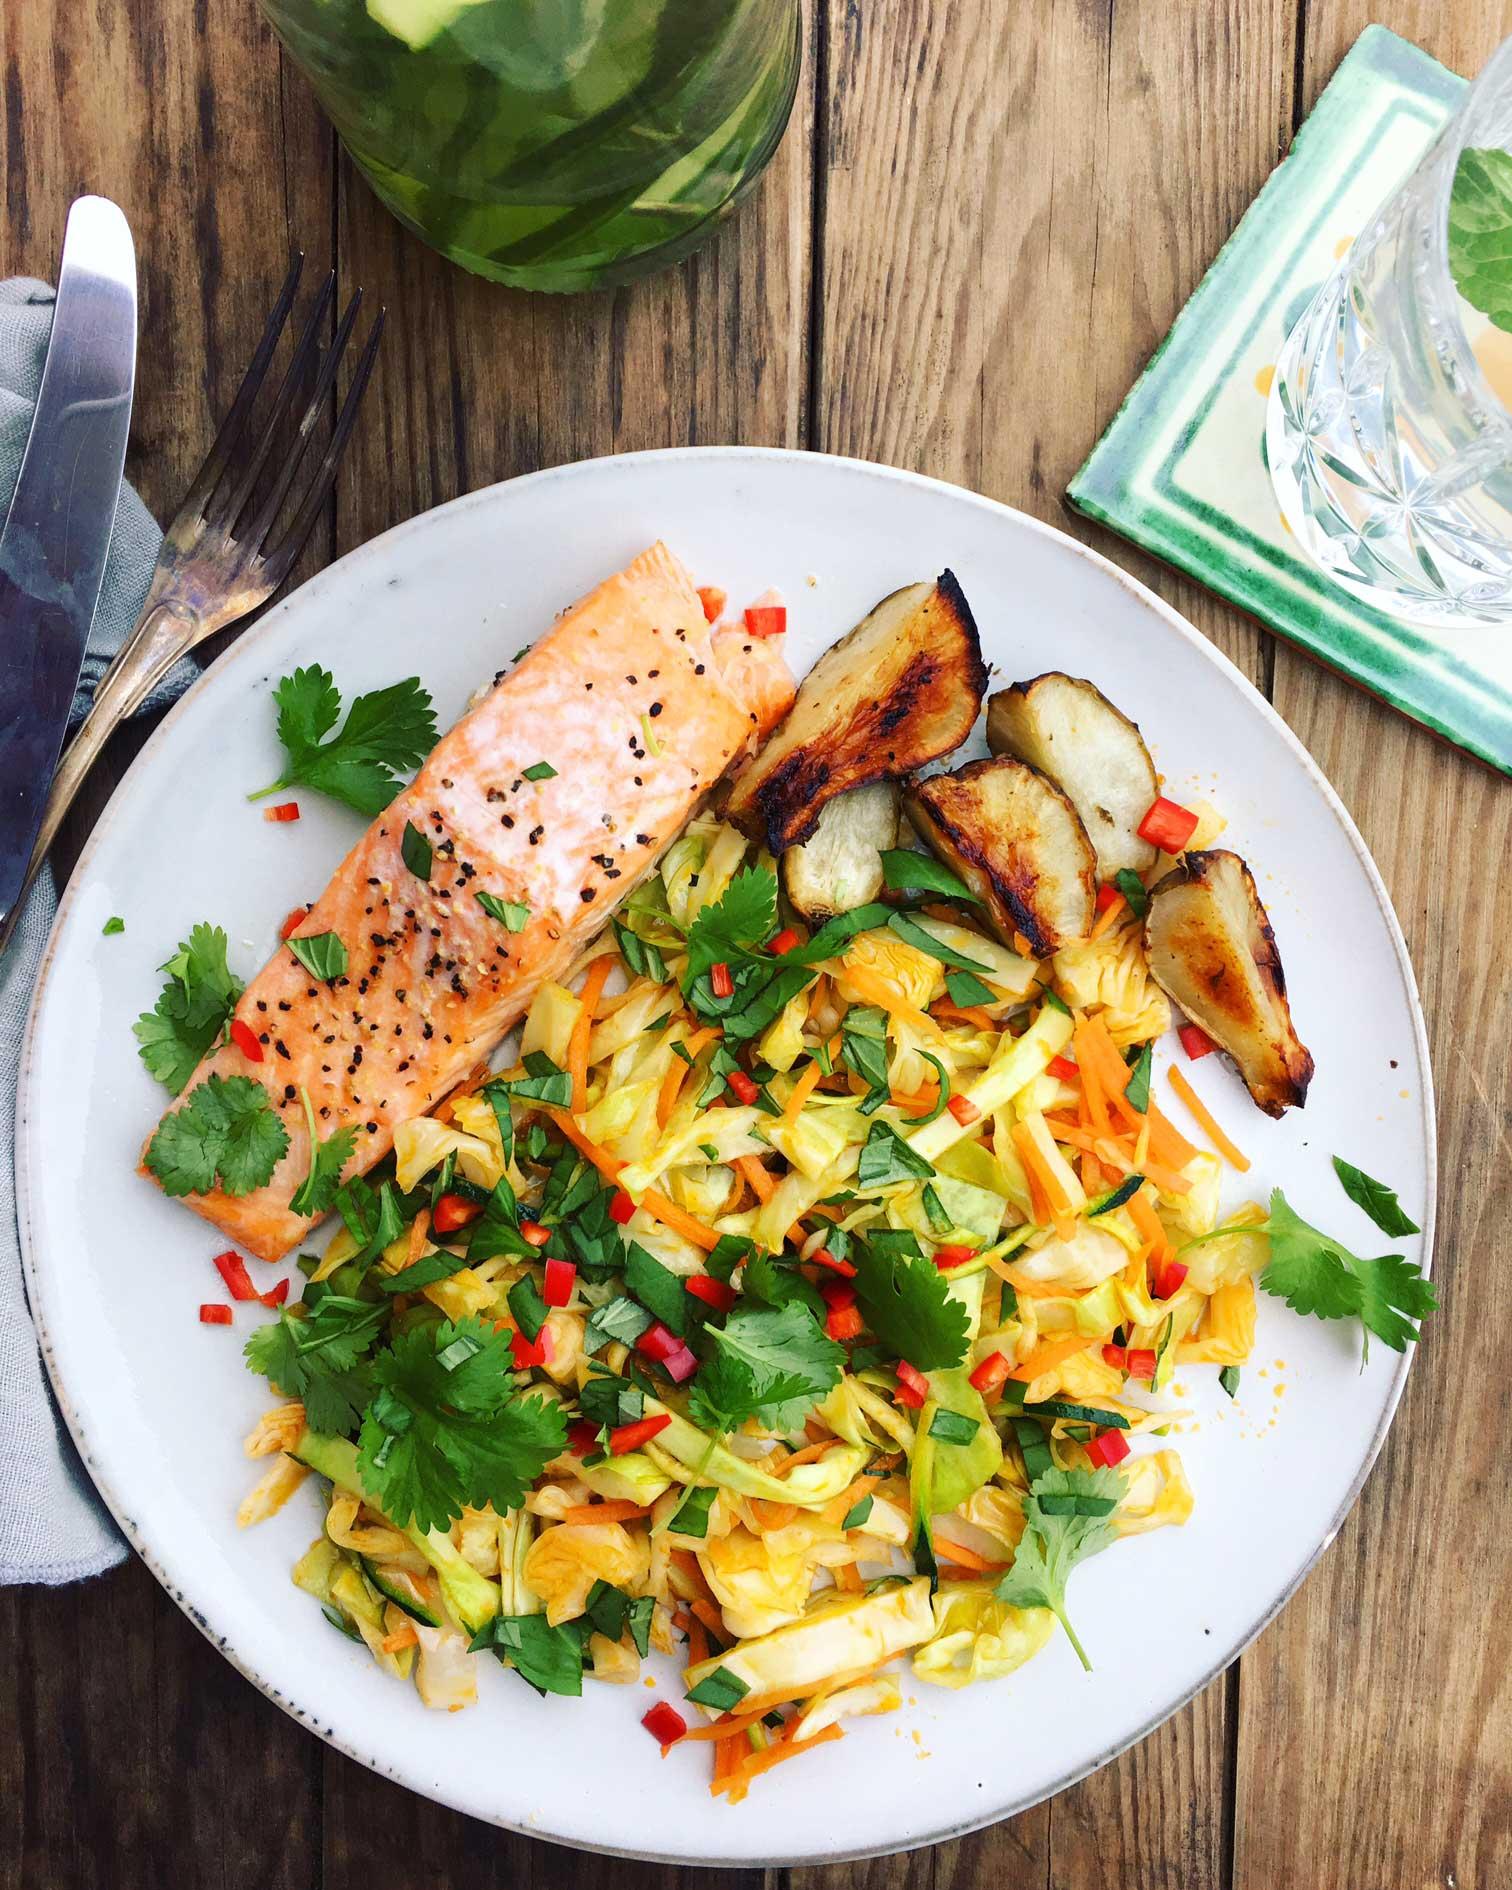 Laks i ovn med lun thai-salat - lækker og sund aftensmad med god smag